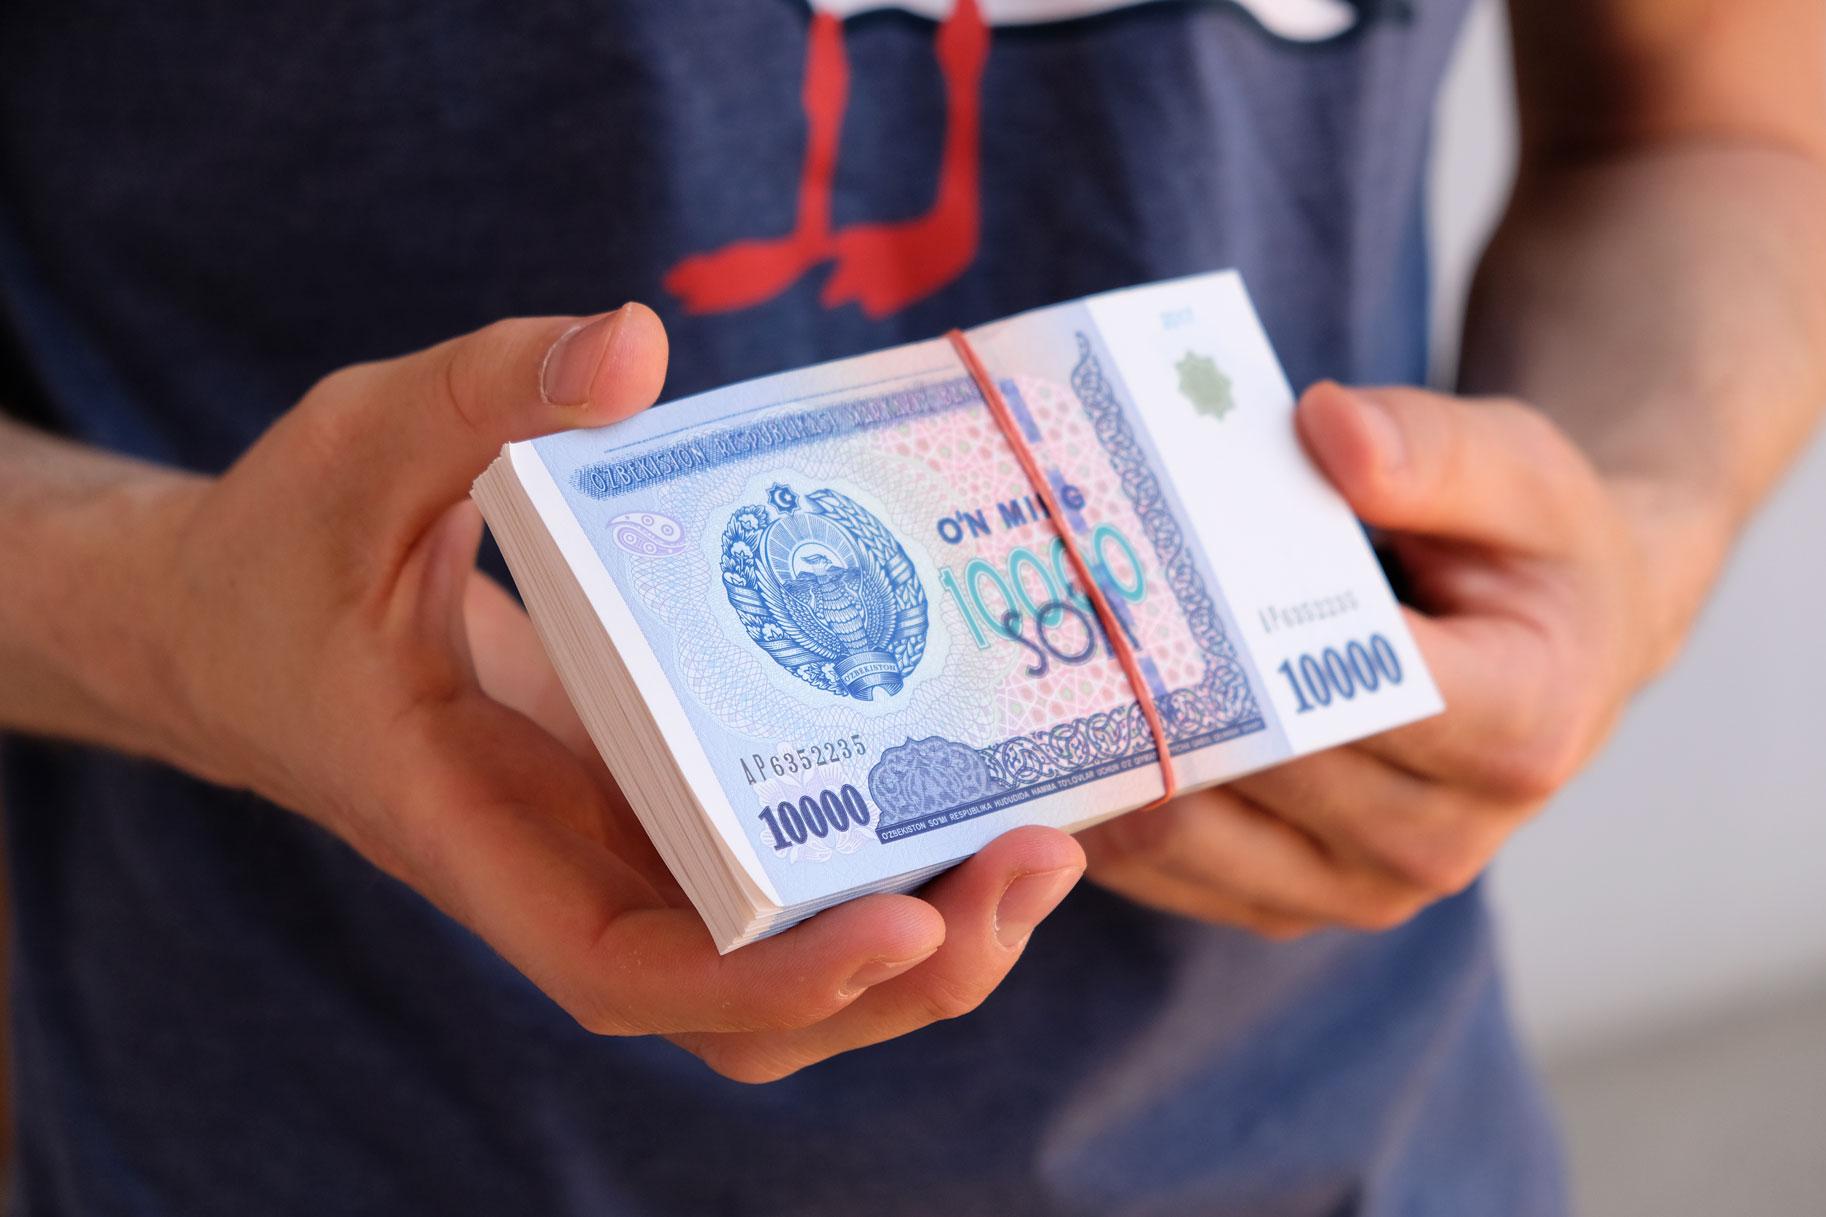 Zwei Hände halten einen Bündel Geldscheine aus Usbekistan.